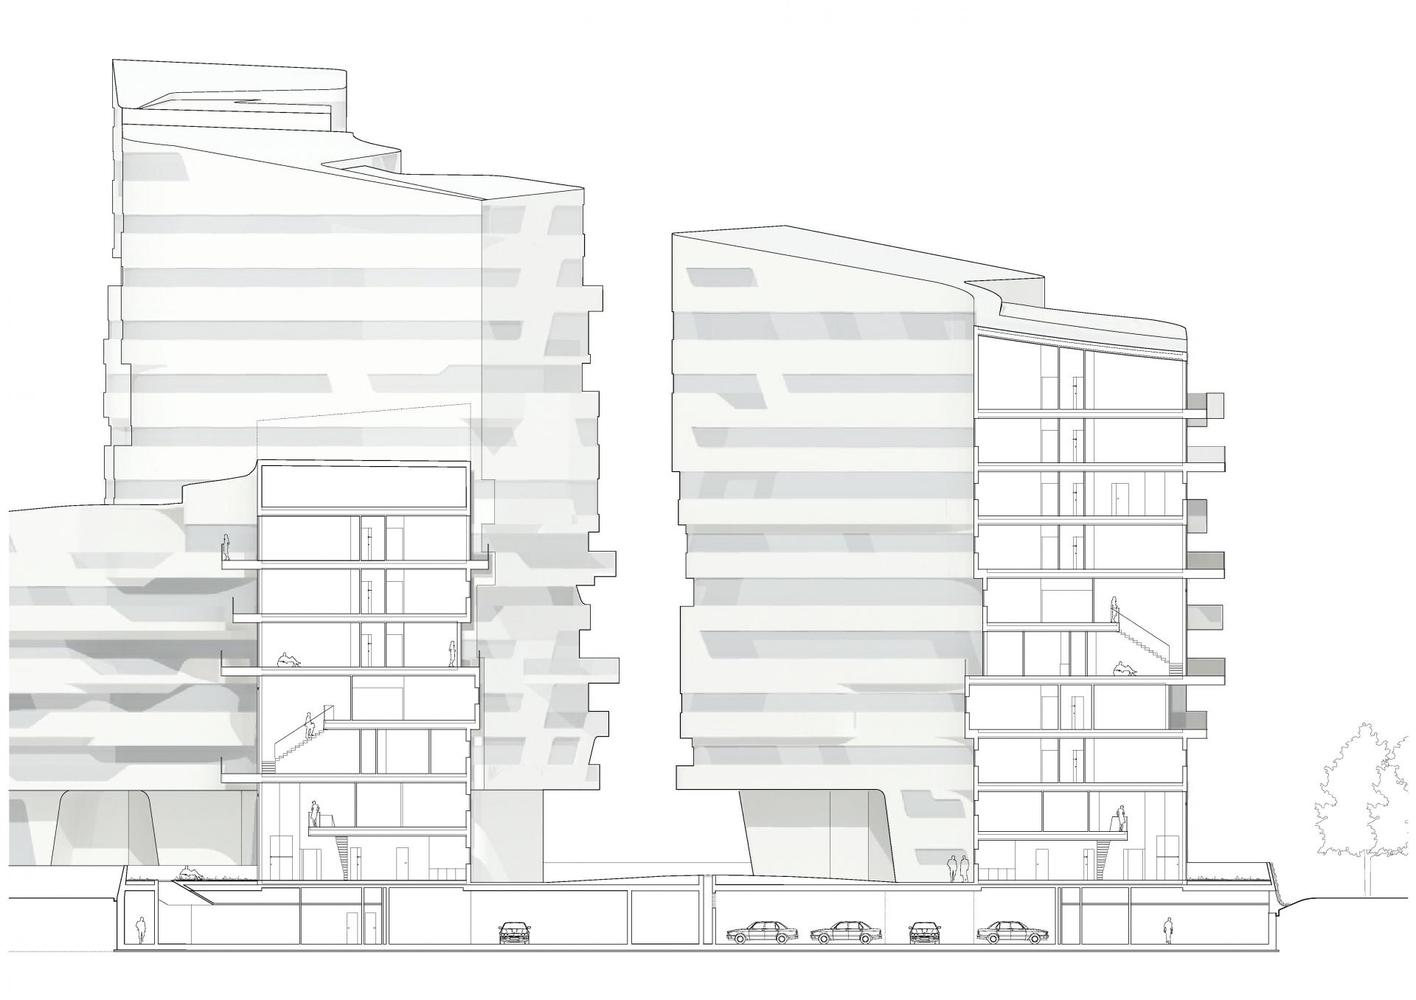 پلان آپارتمان های زندگی شهری-3